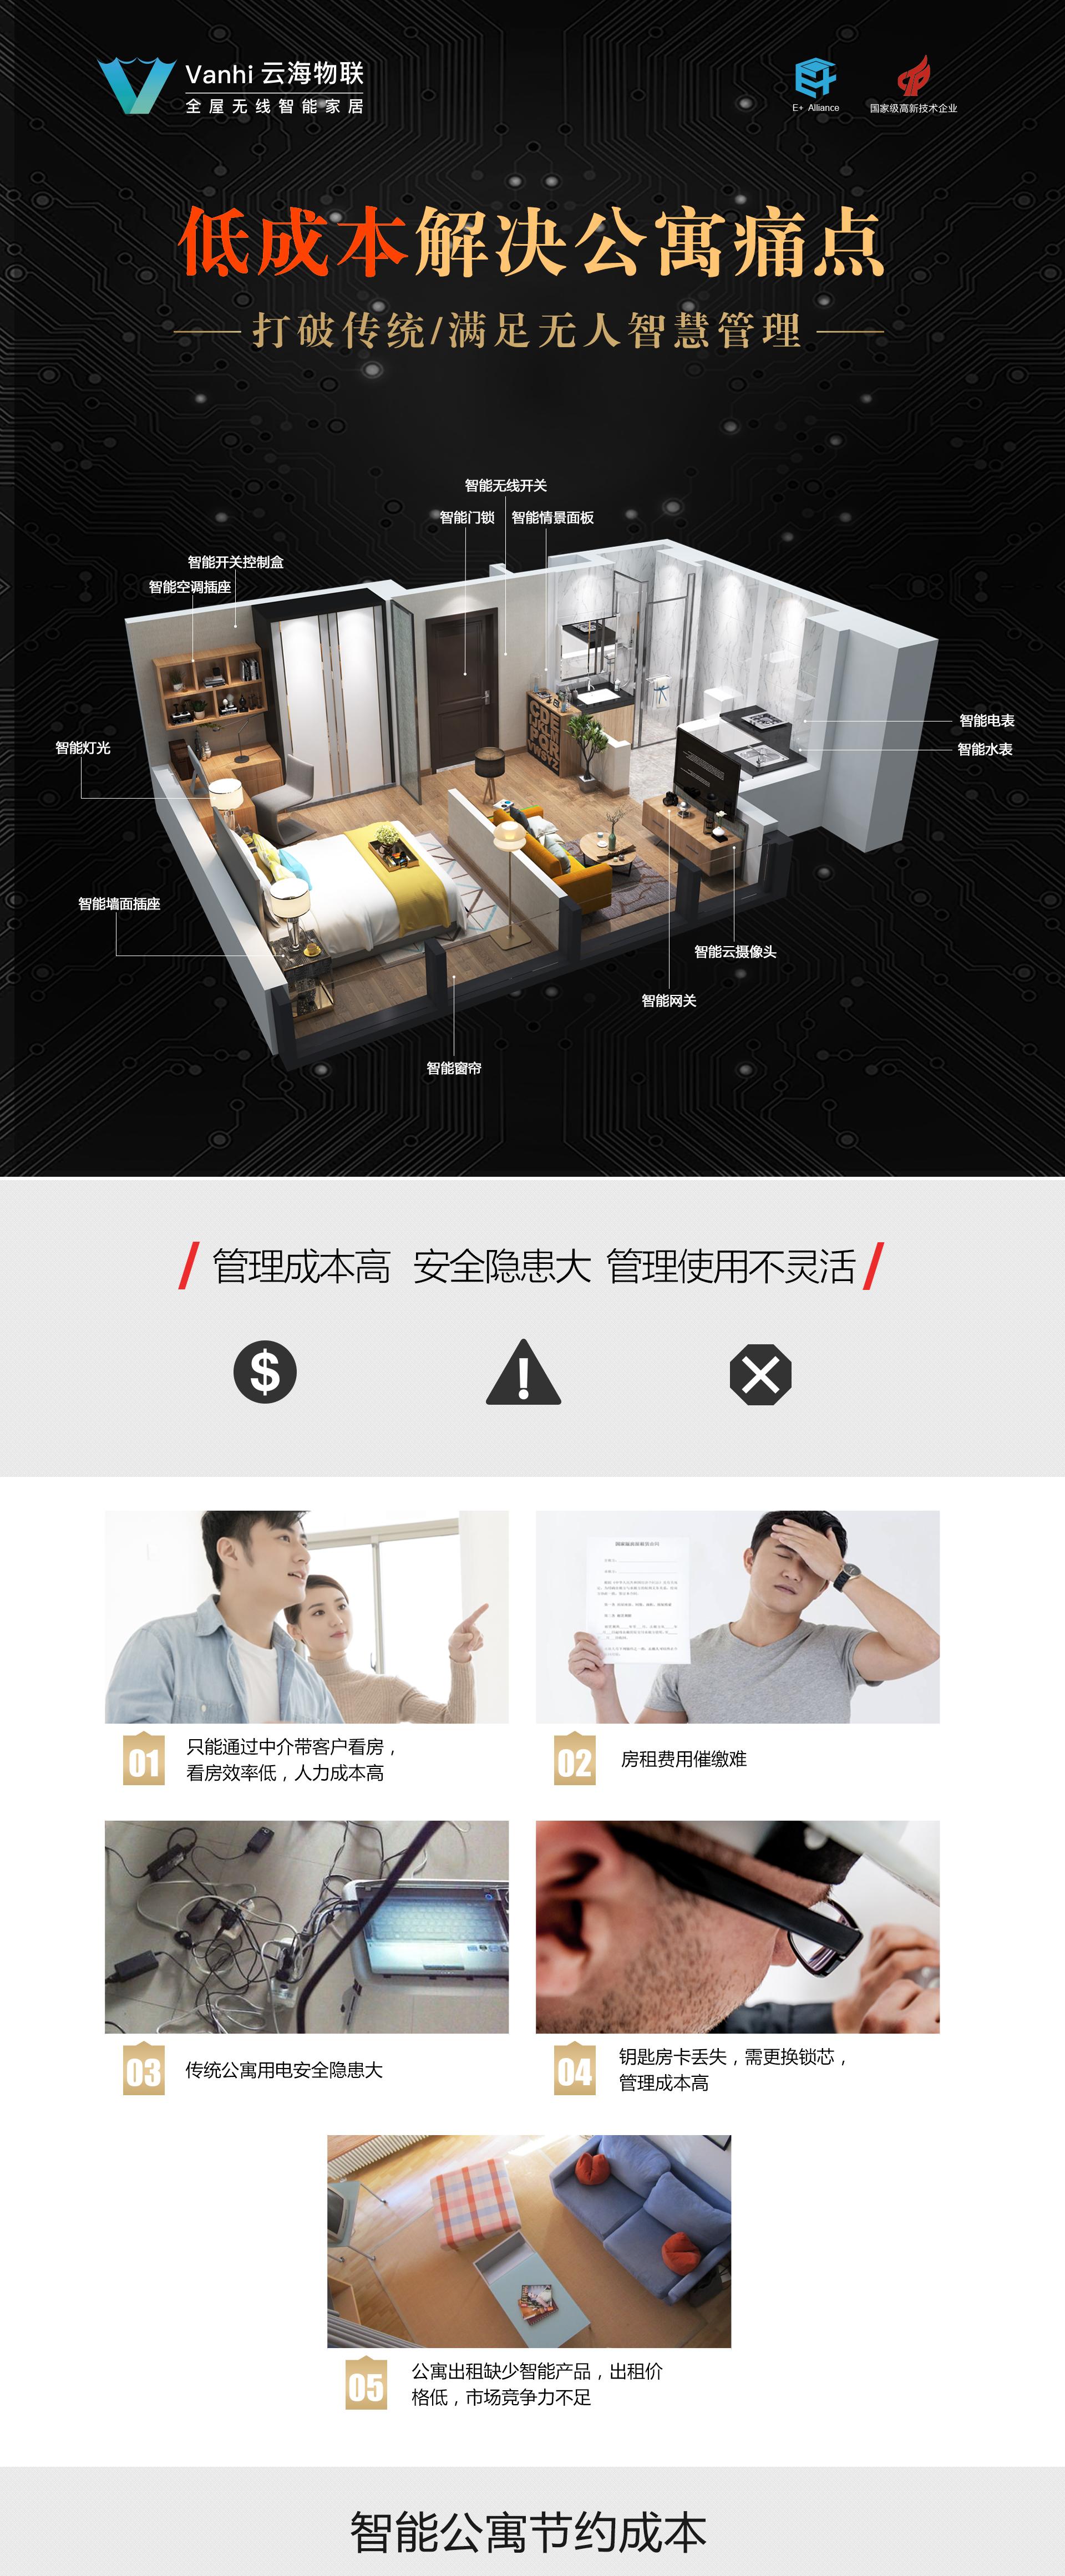 智慧公寓宣传图_01.jpg